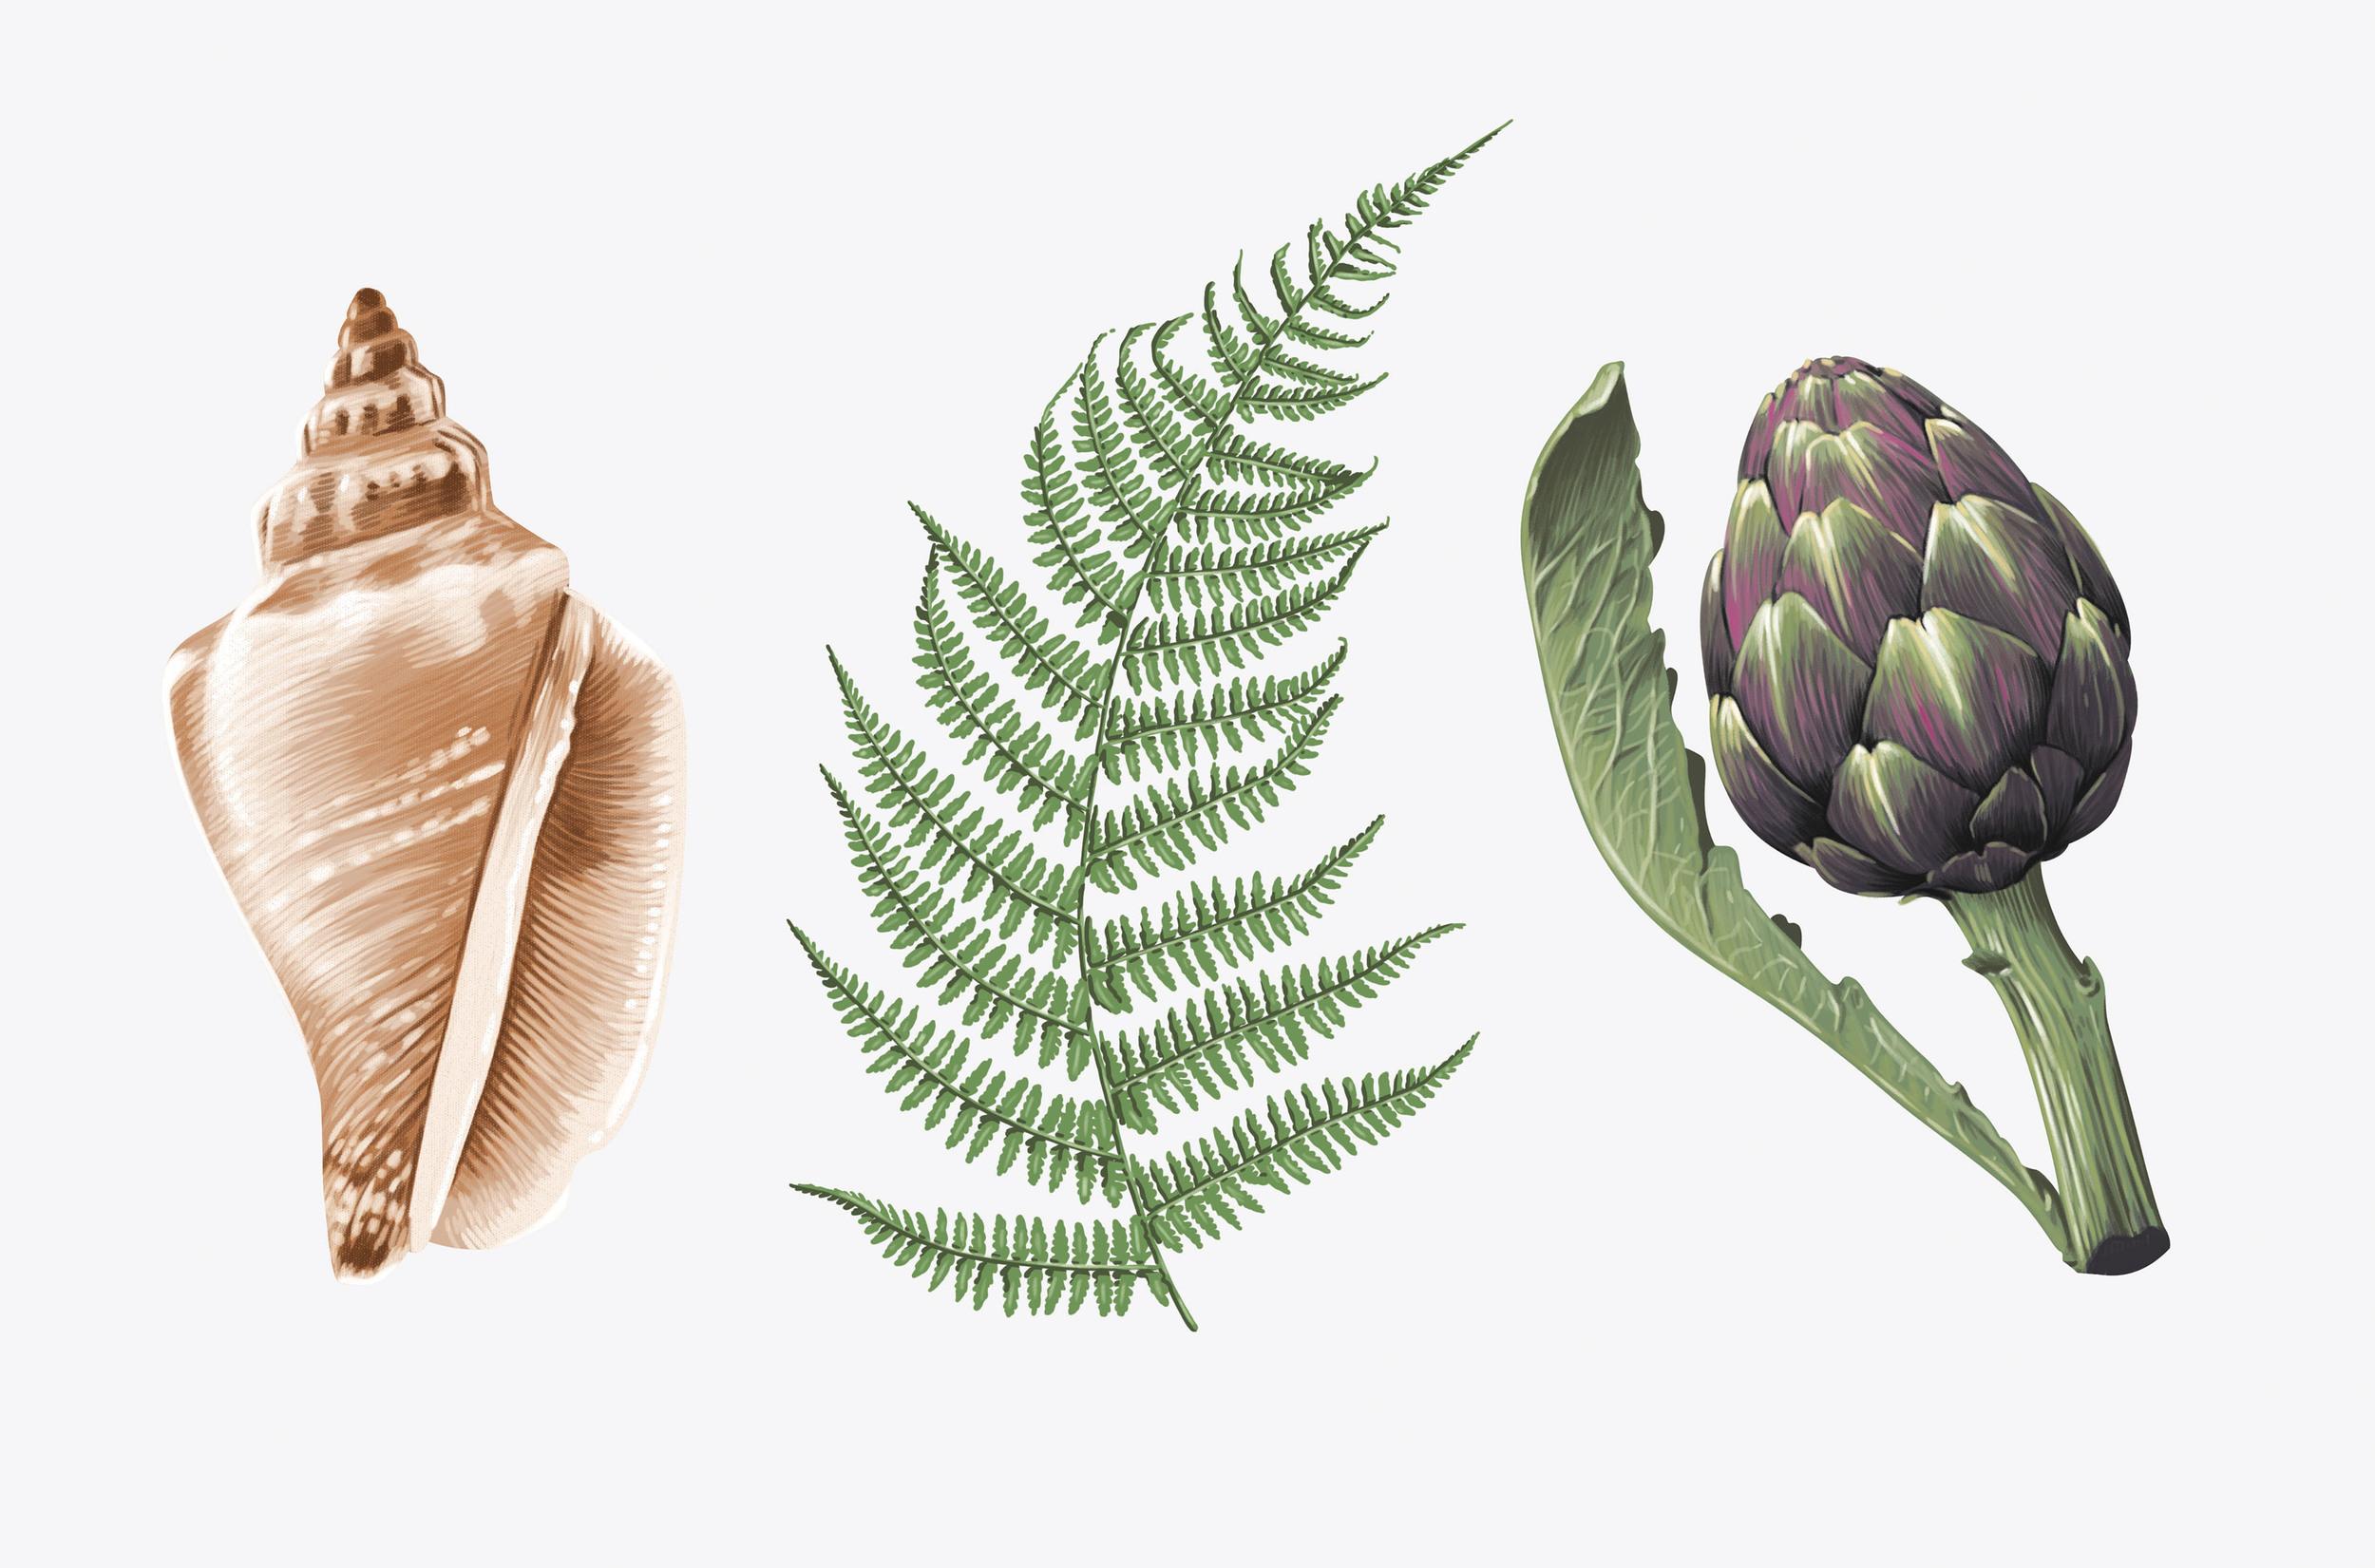 02. Botanicals2.jpg